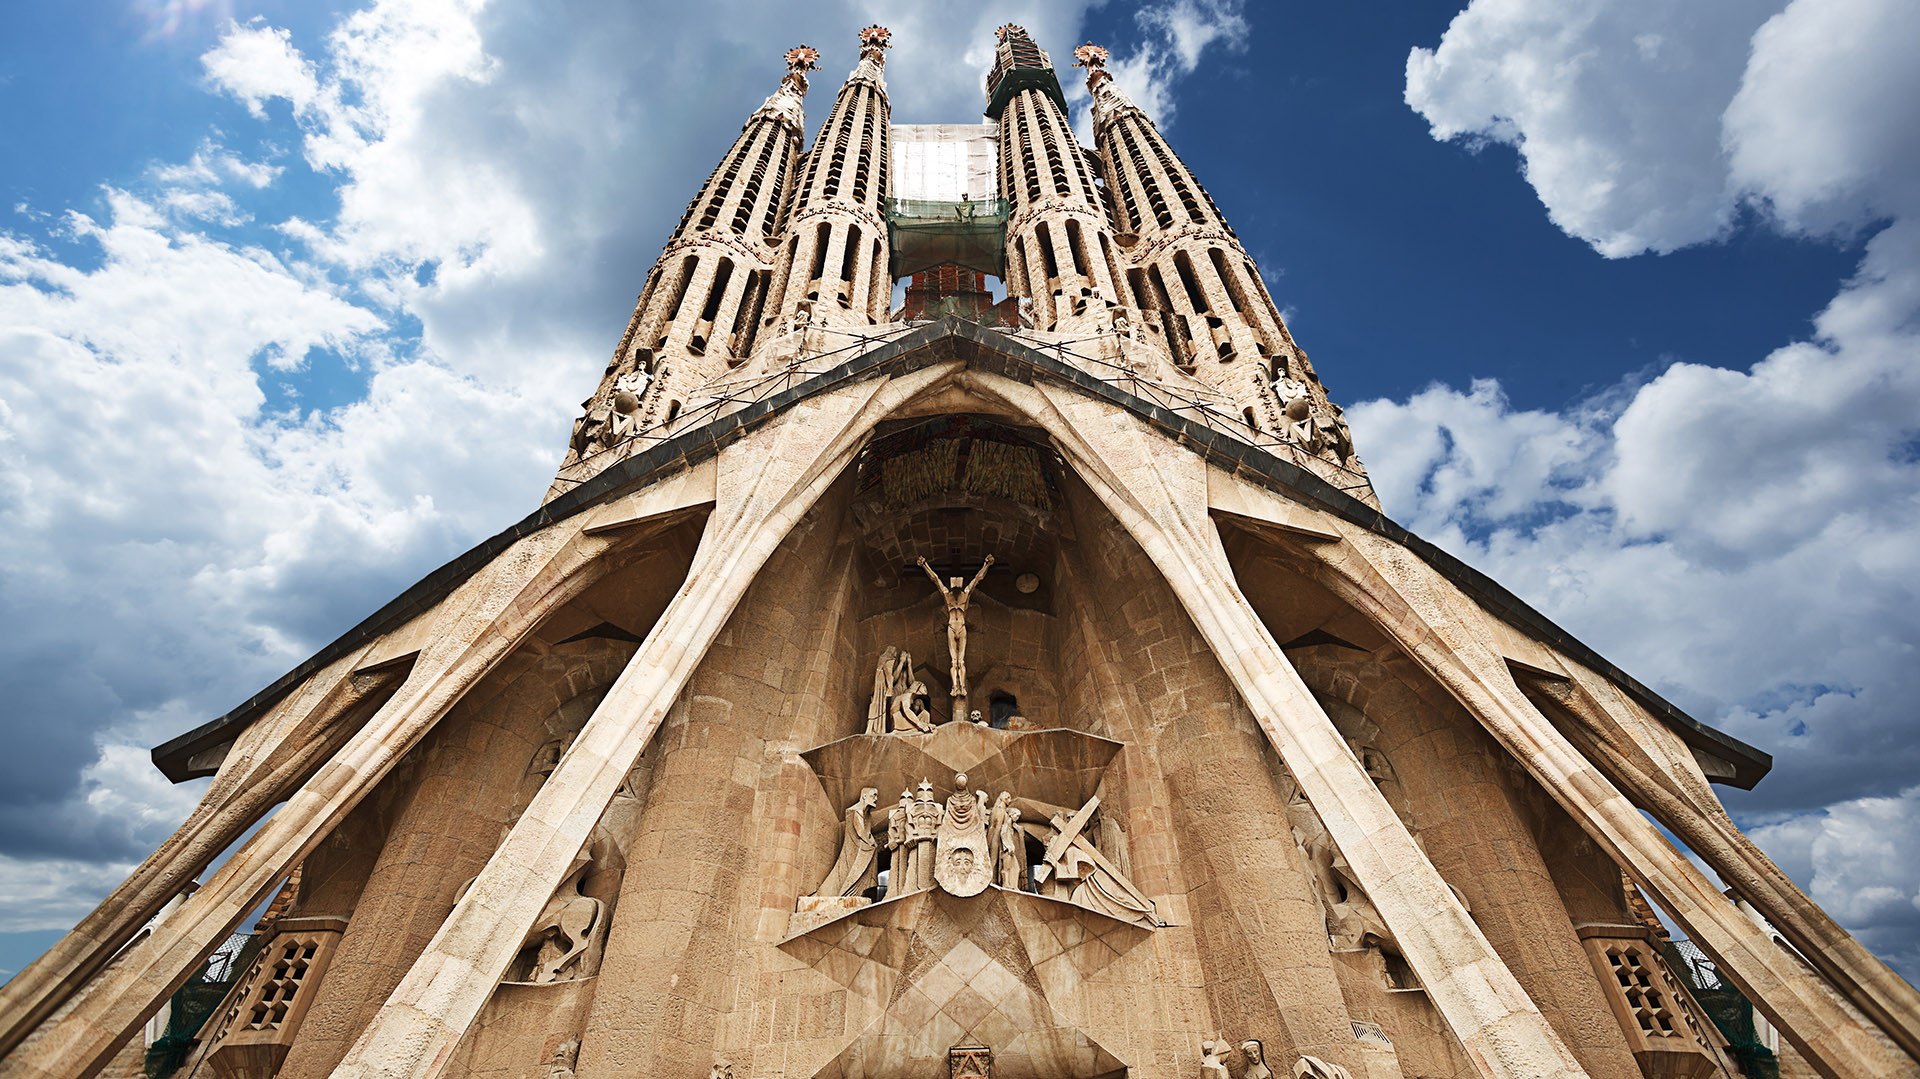 La verticalidad es una de las características de la iglesia que propone Gaudí con el objetivo simbólico de elevarse hacia Dios: una forma de pirámide desde el exterior, una altura elevada en las naves y unos pináculos, en la cumbre de las torres, que parecen confundirse con el cielo